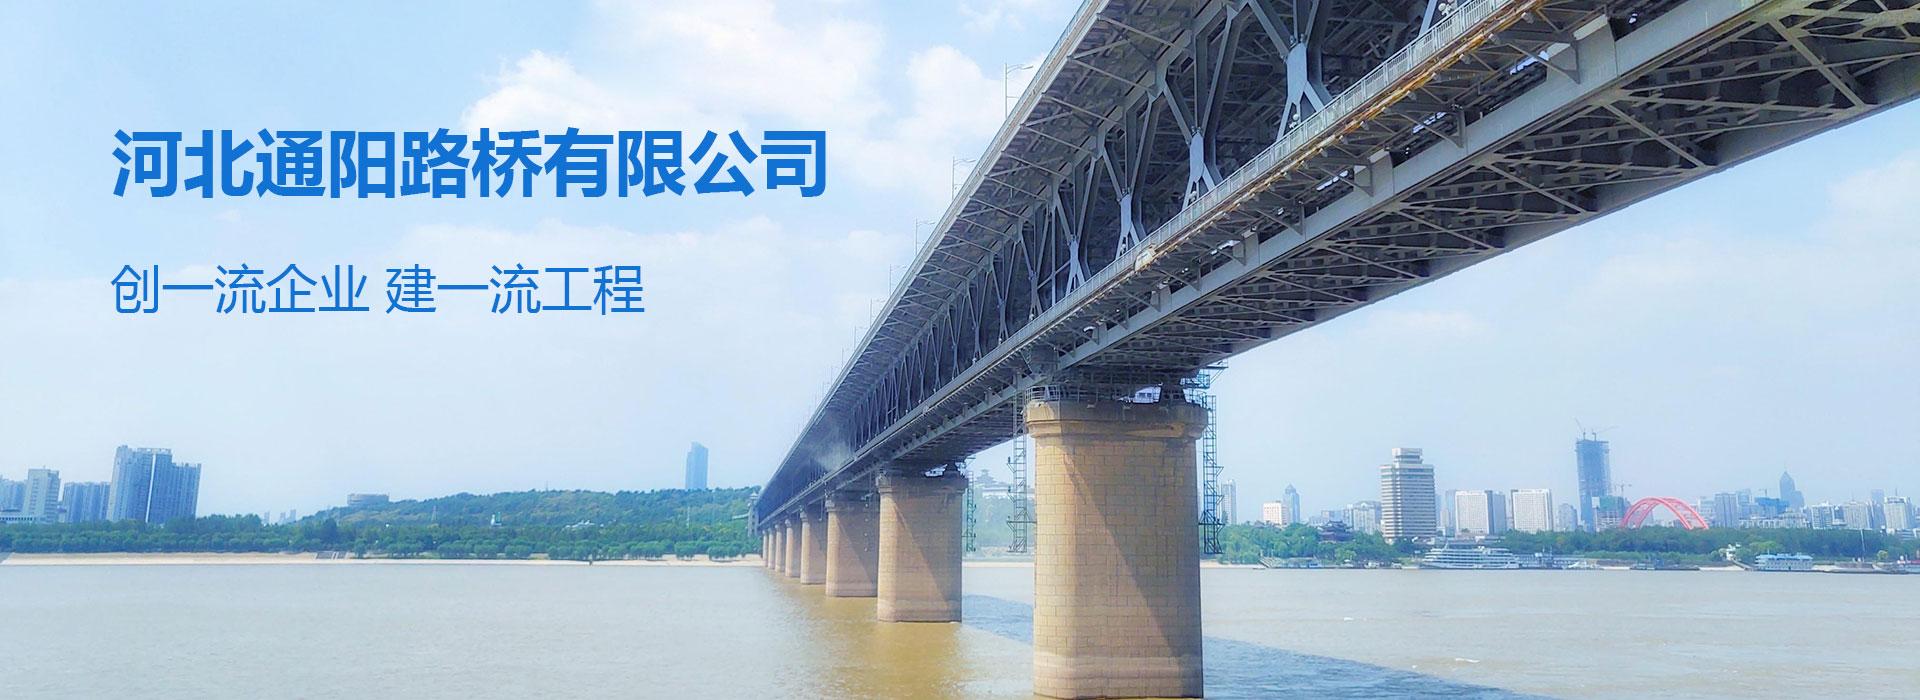 河北通阳路桥有限公司